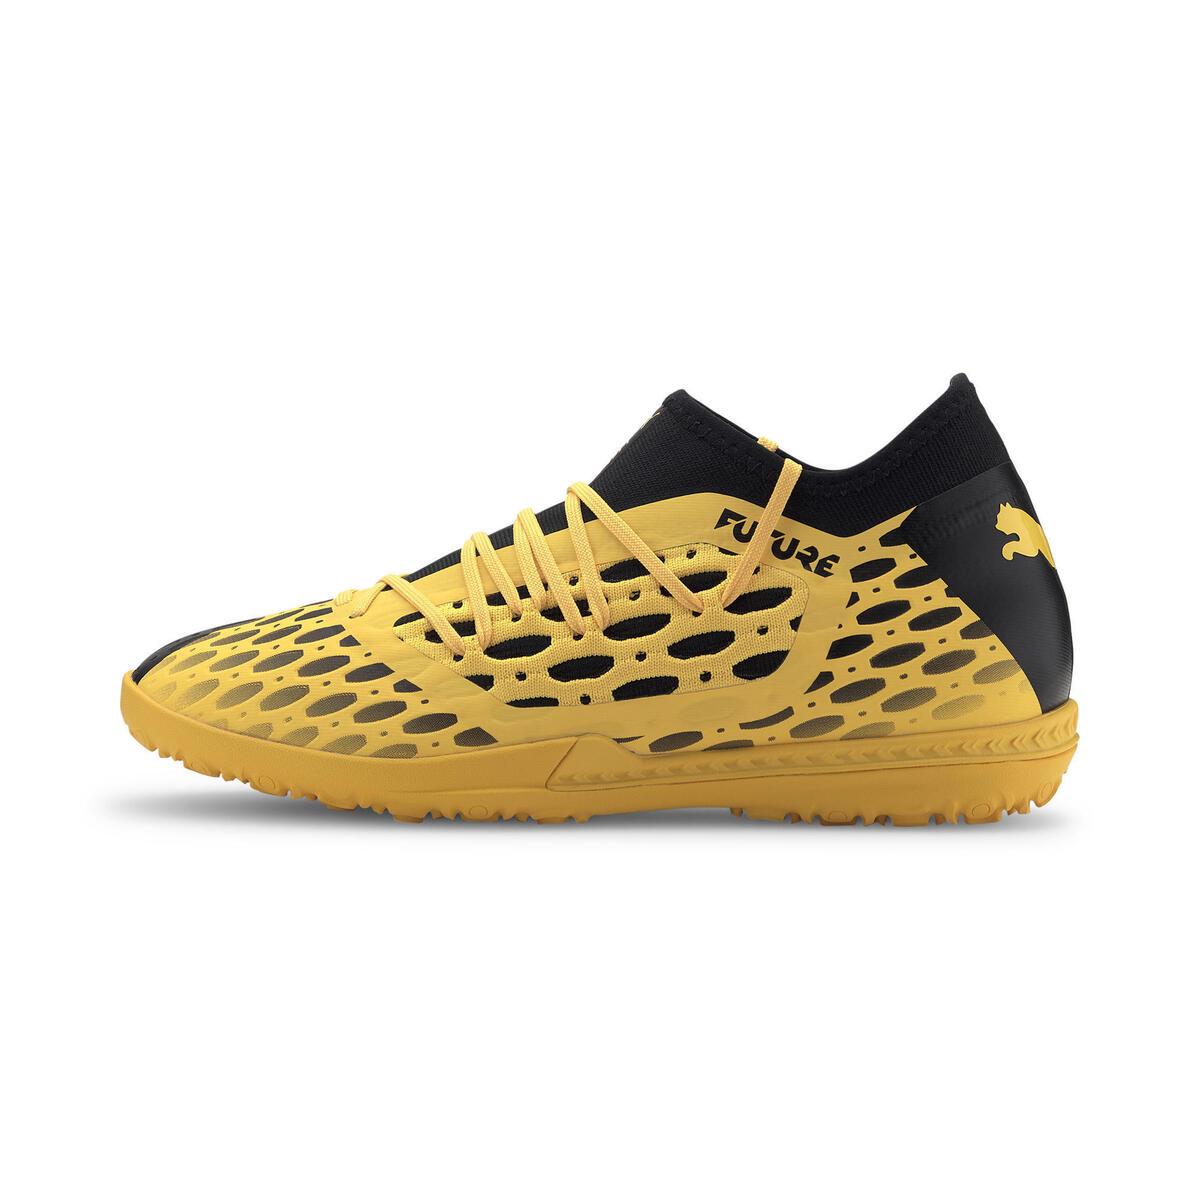 Bild 2 von Fußballschuhe Multinocken Future 5.3 HG Erwachsene gelb